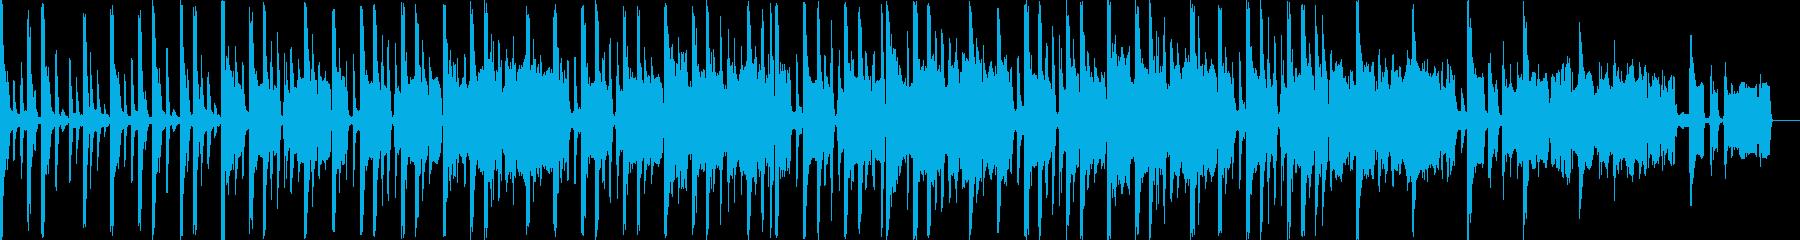 エレクトリックなジングル向け曲の再生済みの波形